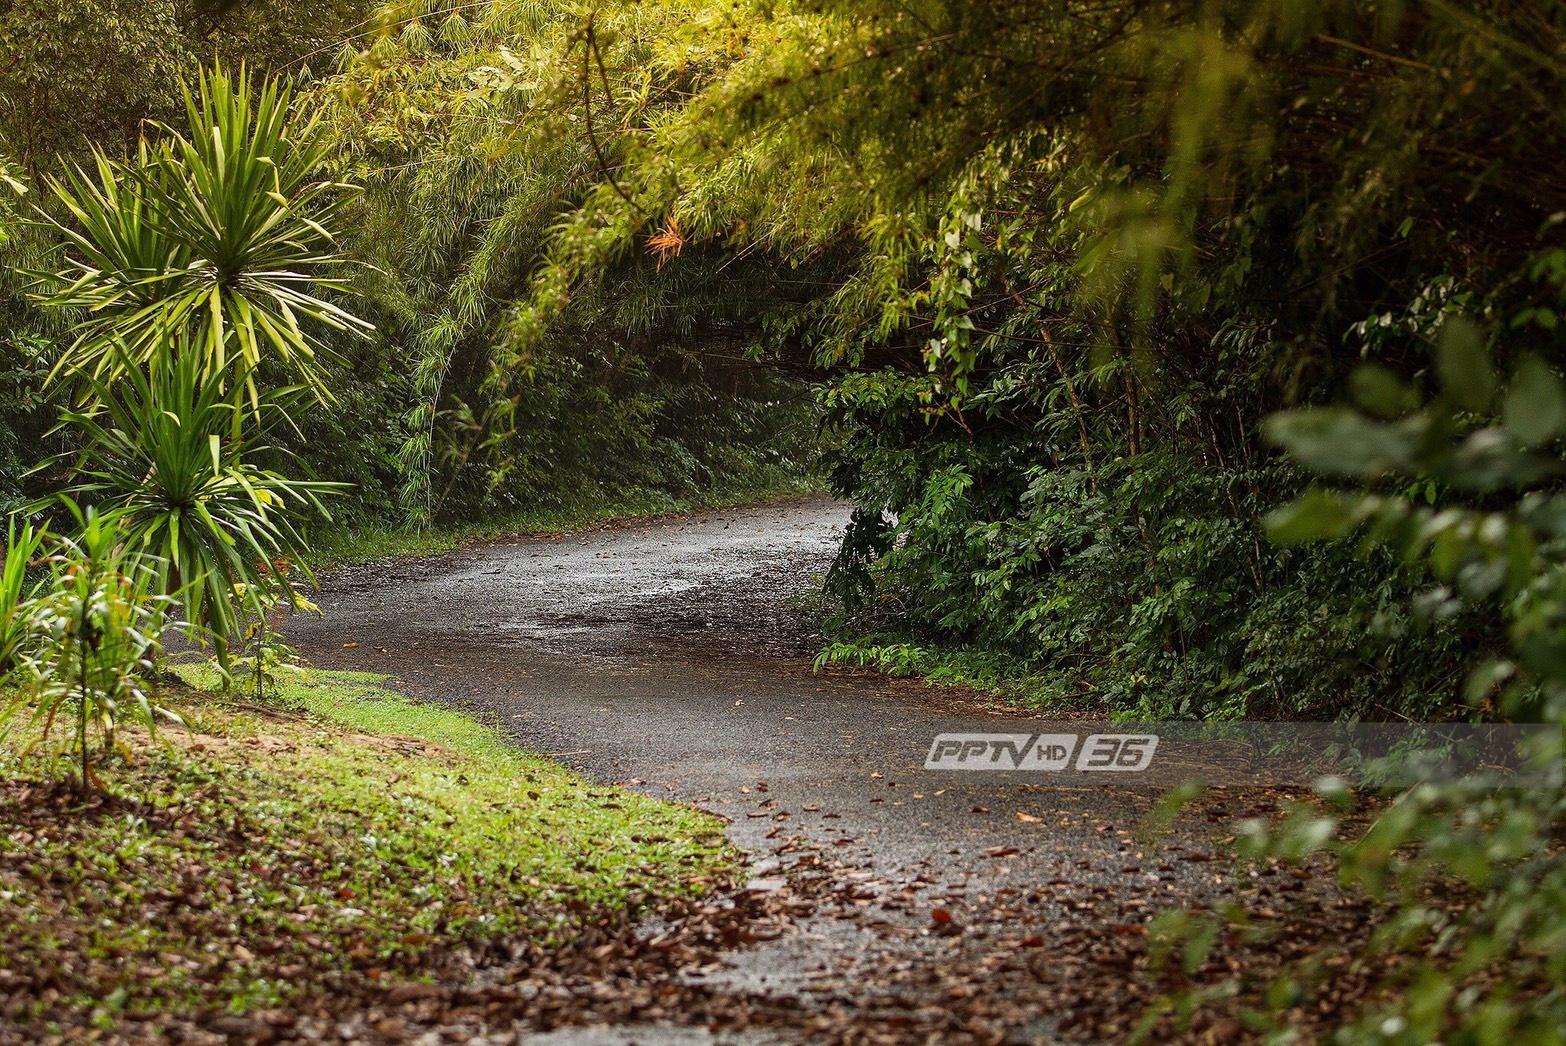 กรมควบคุมโรค แนะปลูกต้นไม้รอบบ้าน ช่วยฟอกอากาศลดปัญหามลพิษ